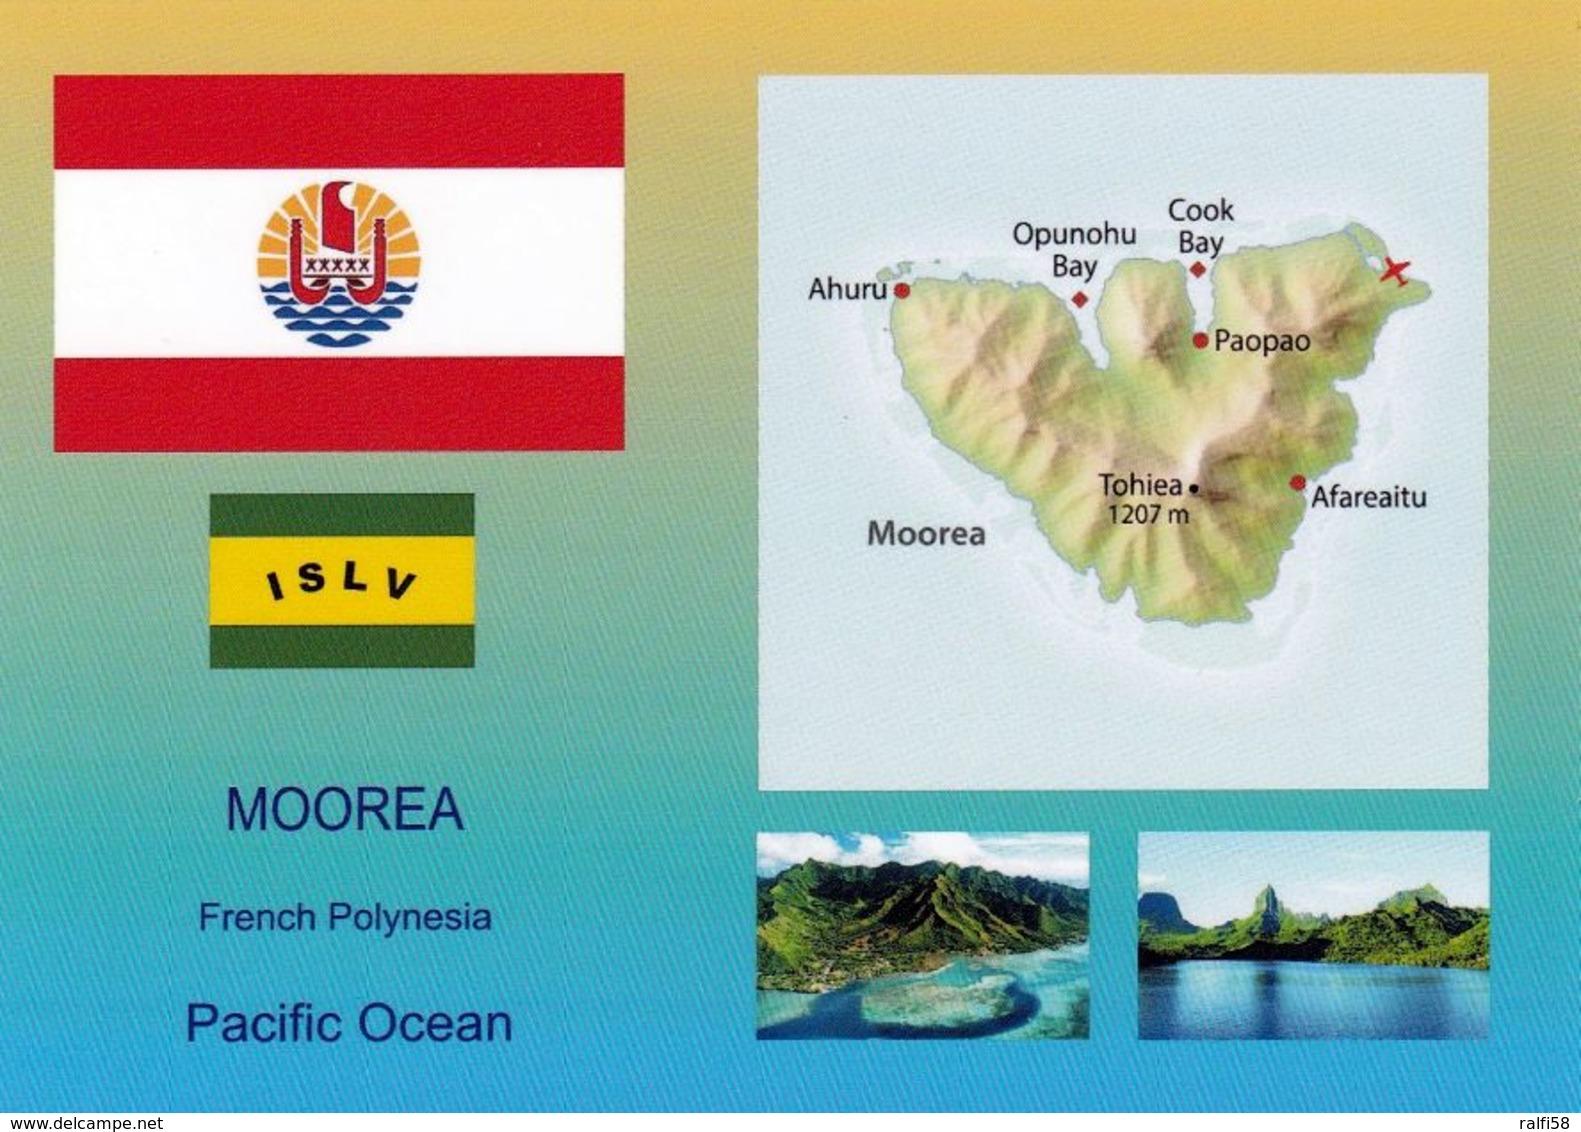 1 AK Französisch-Polynesien Moorea Island * Flagge, Landkarte, Wappen Und Zwei Ansichten Von Moorea * - Französisch-Polynesien